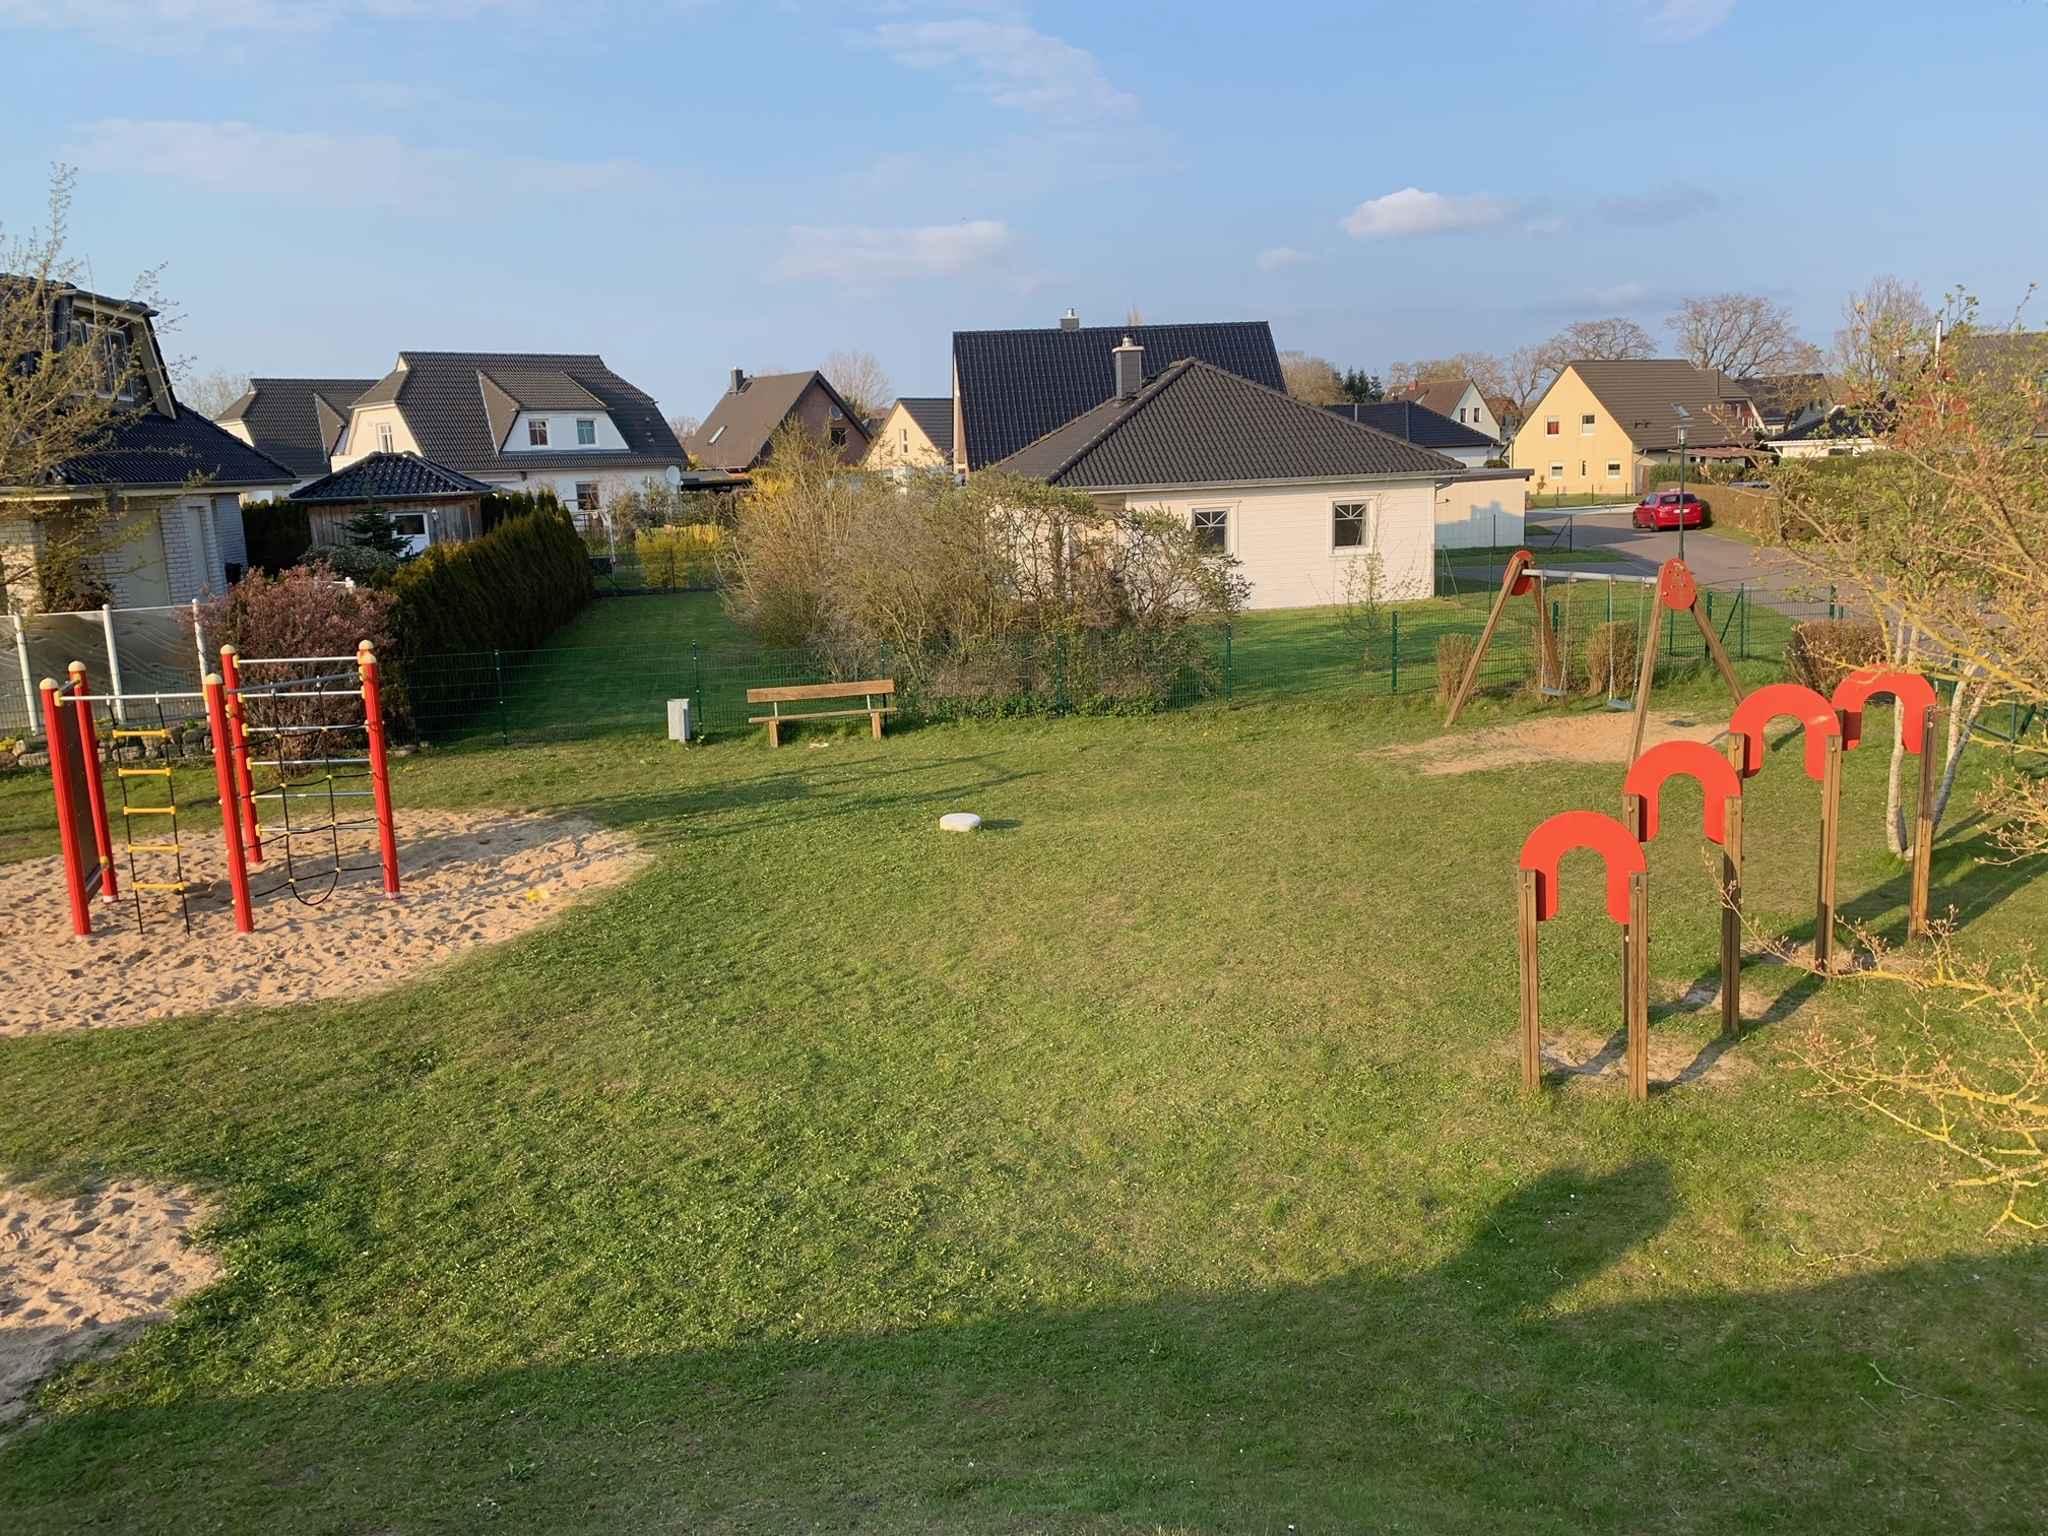 Ferienwohnung mit Garten, direkt im Kranichrastgebiet (360790), Klausdorf, Stralsund, Mecklenburg-Vorpommern, Deutschland, Bild 6